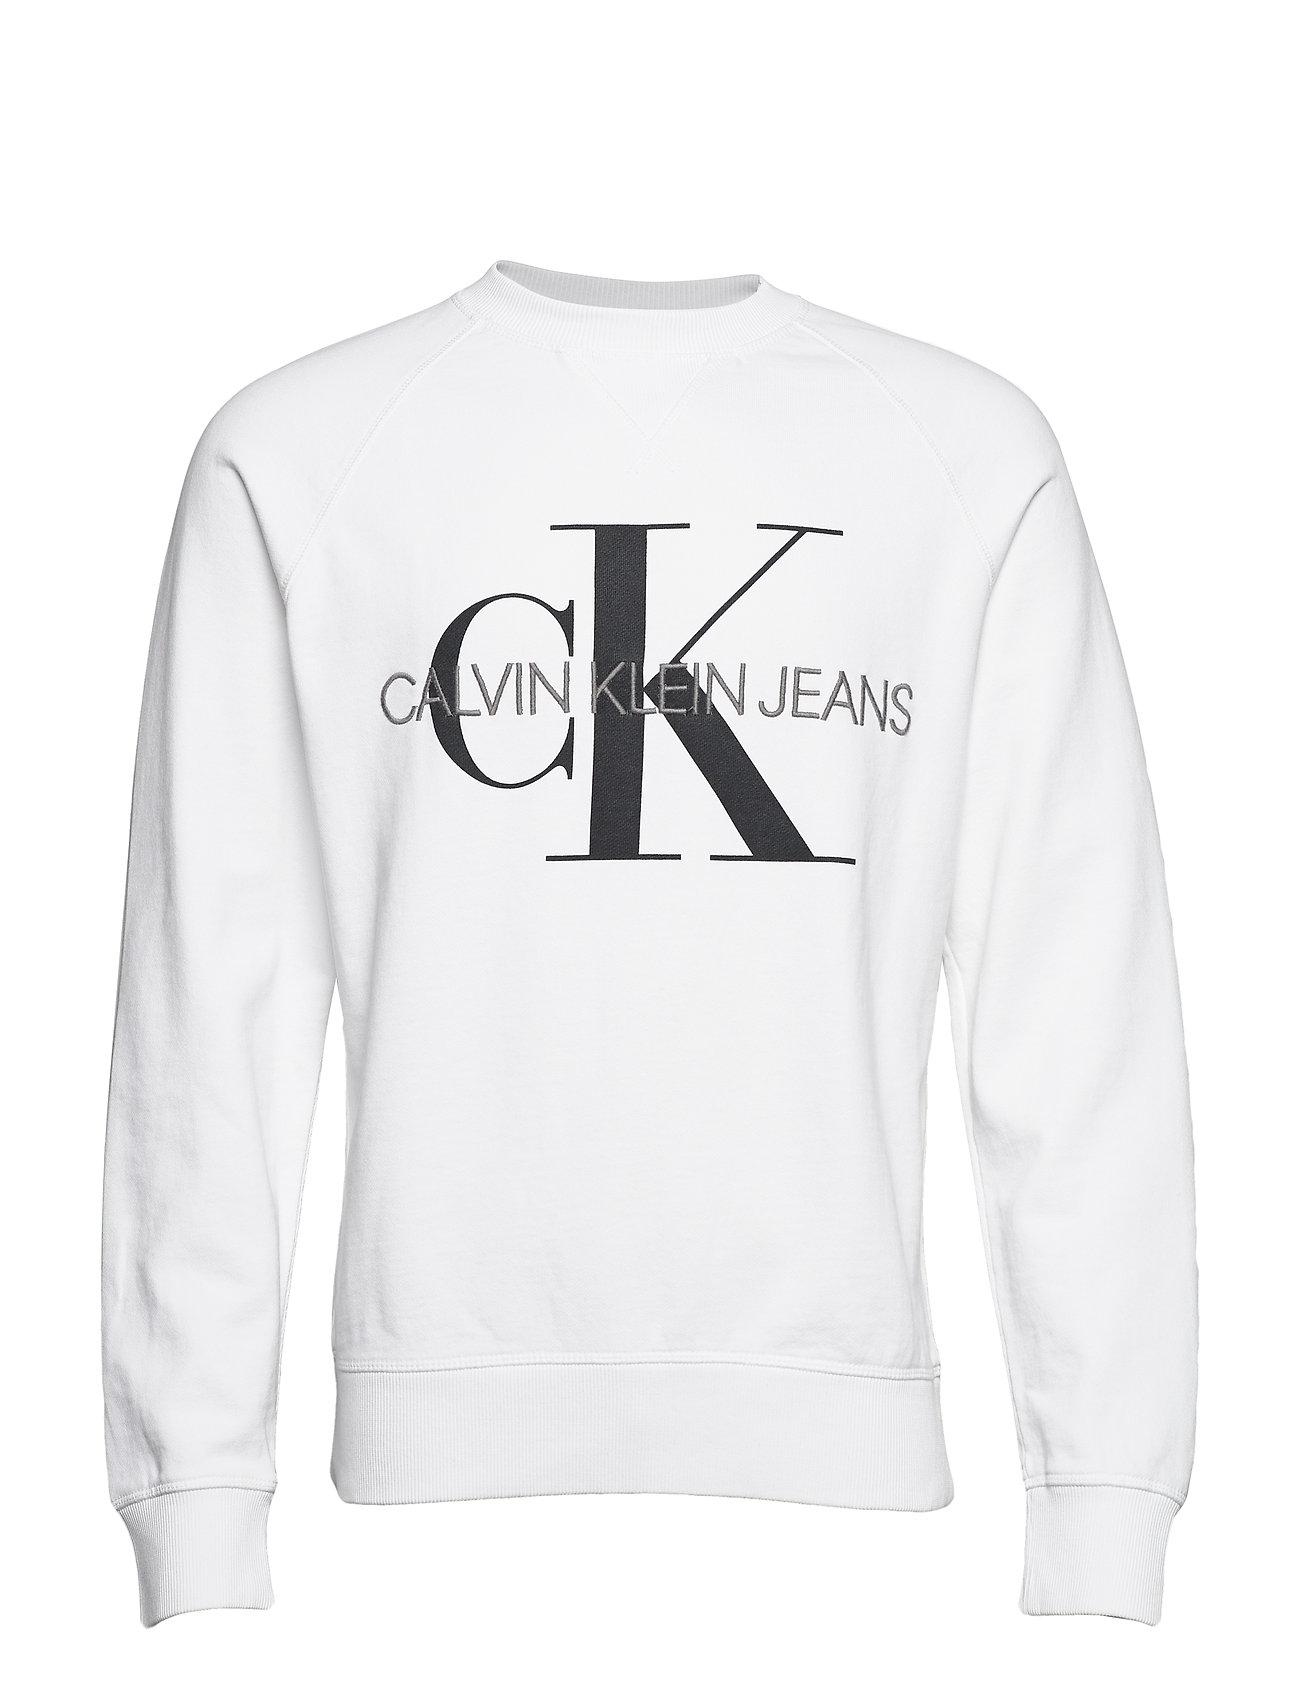 Calvin Klein Jeans WASHED REG MONOGRAM CN - BRIGHT WHITE